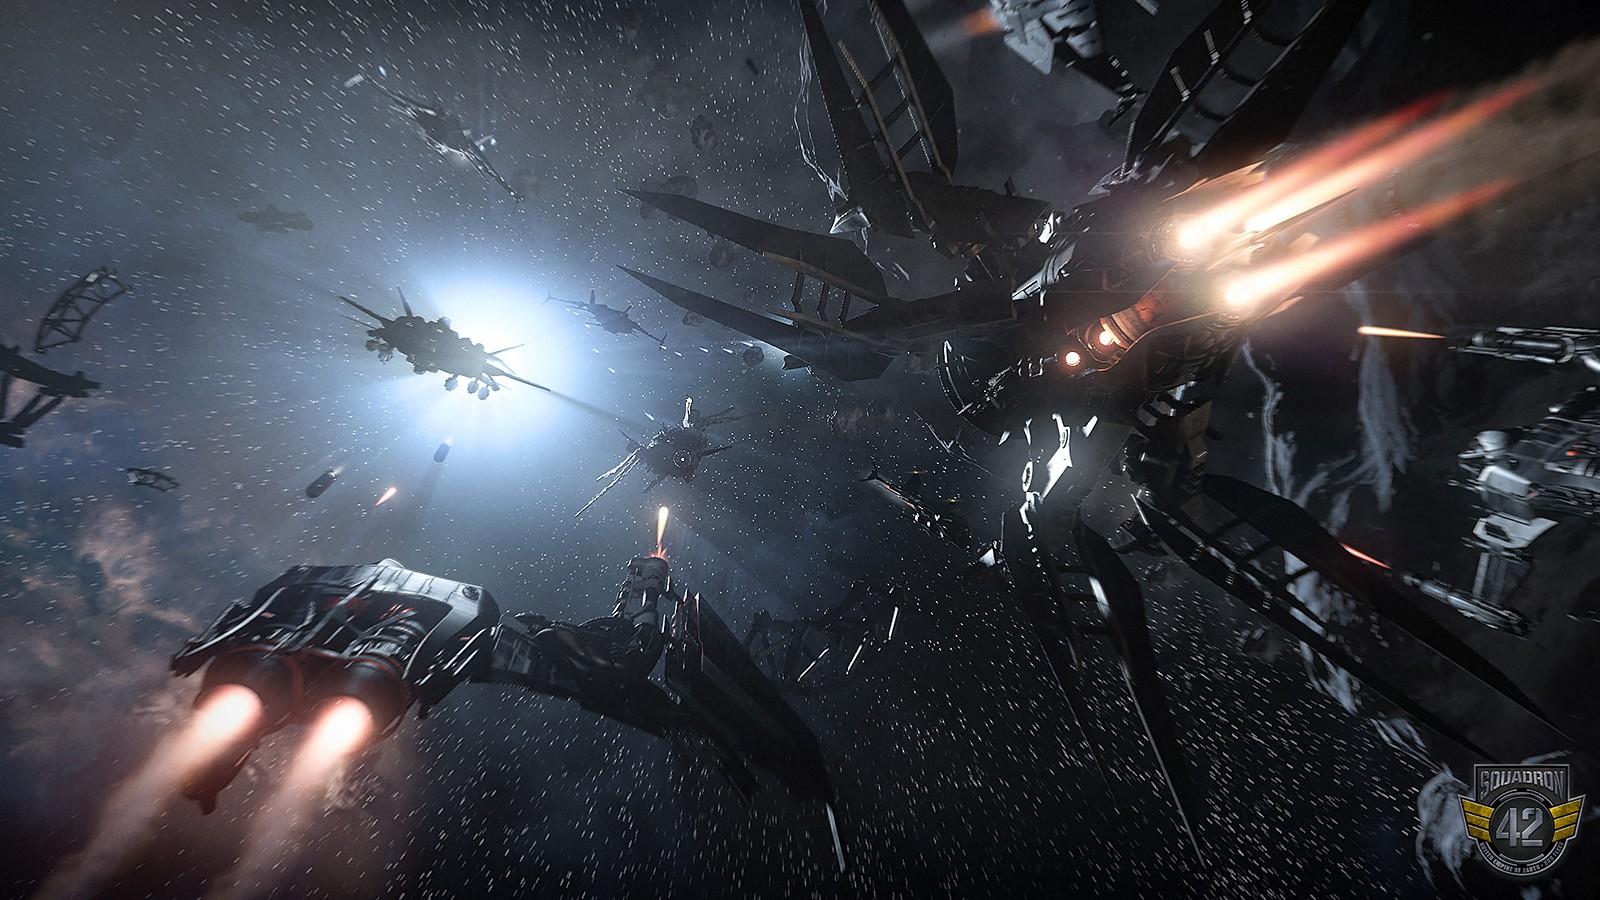 《星际公民》单机版众多明星云集 亨利·卡维尔也加盟